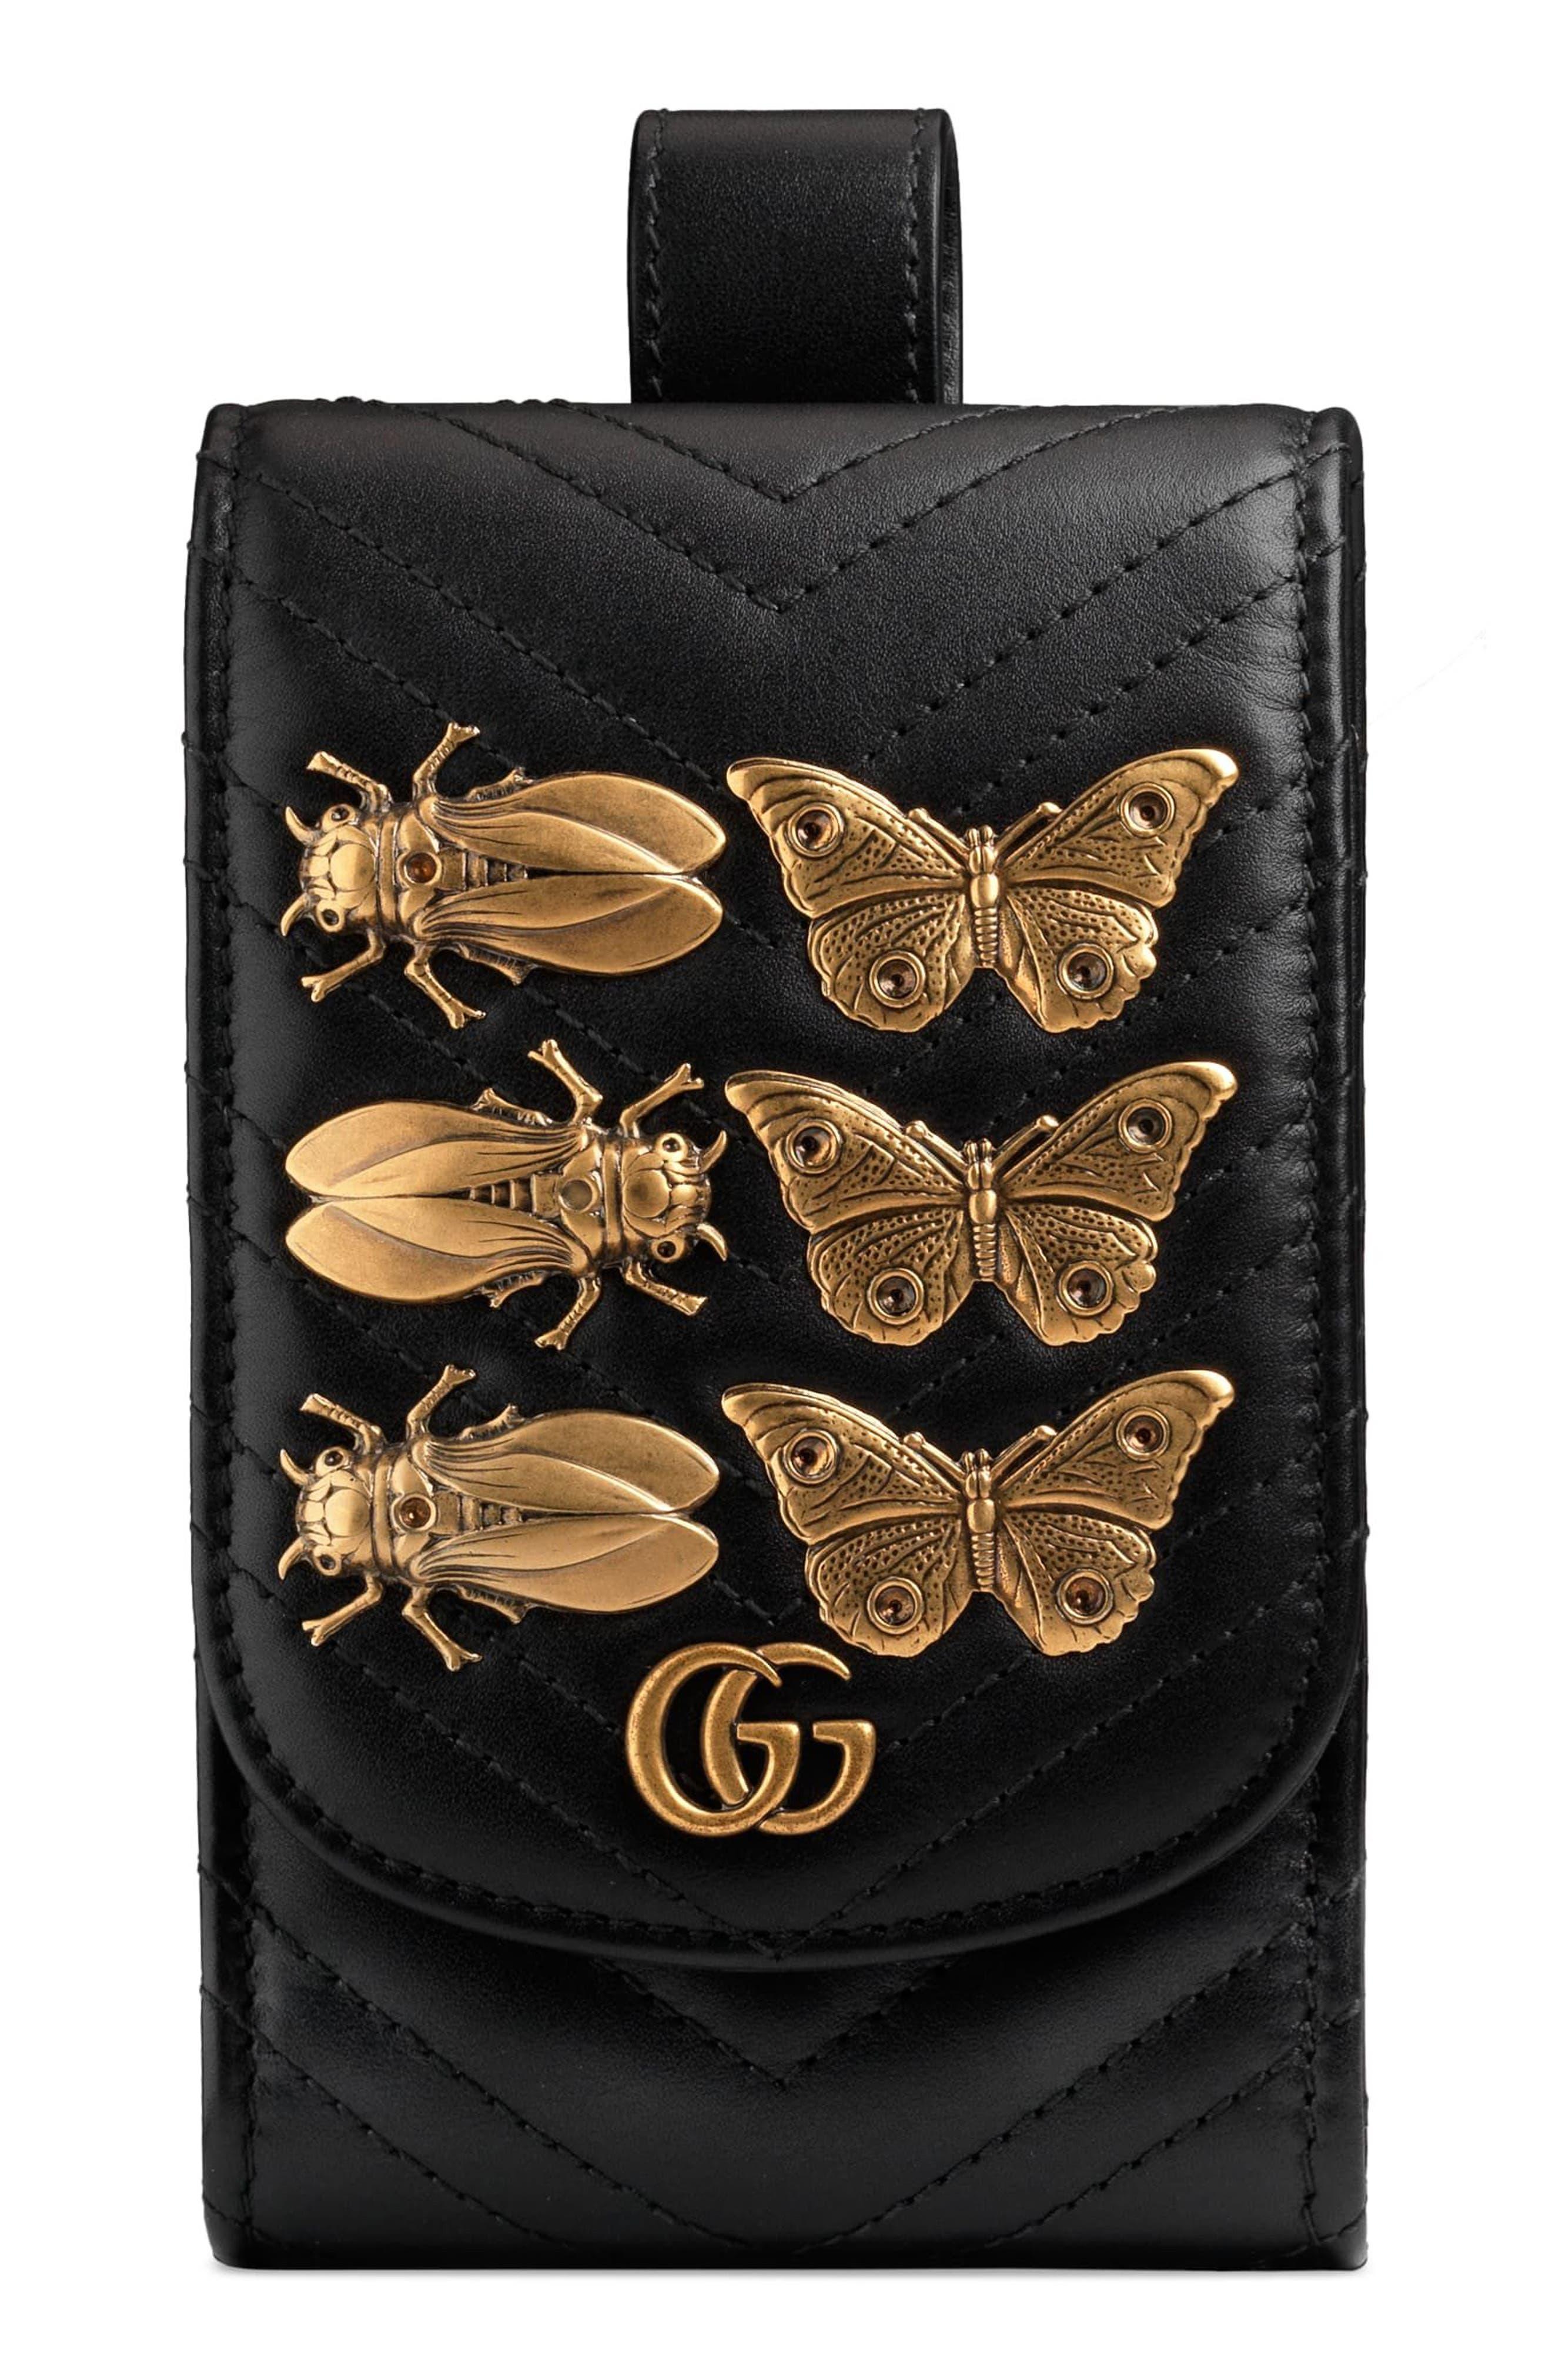 Gucci GG Marmont 2.0 Matelassé Leather Phone Case